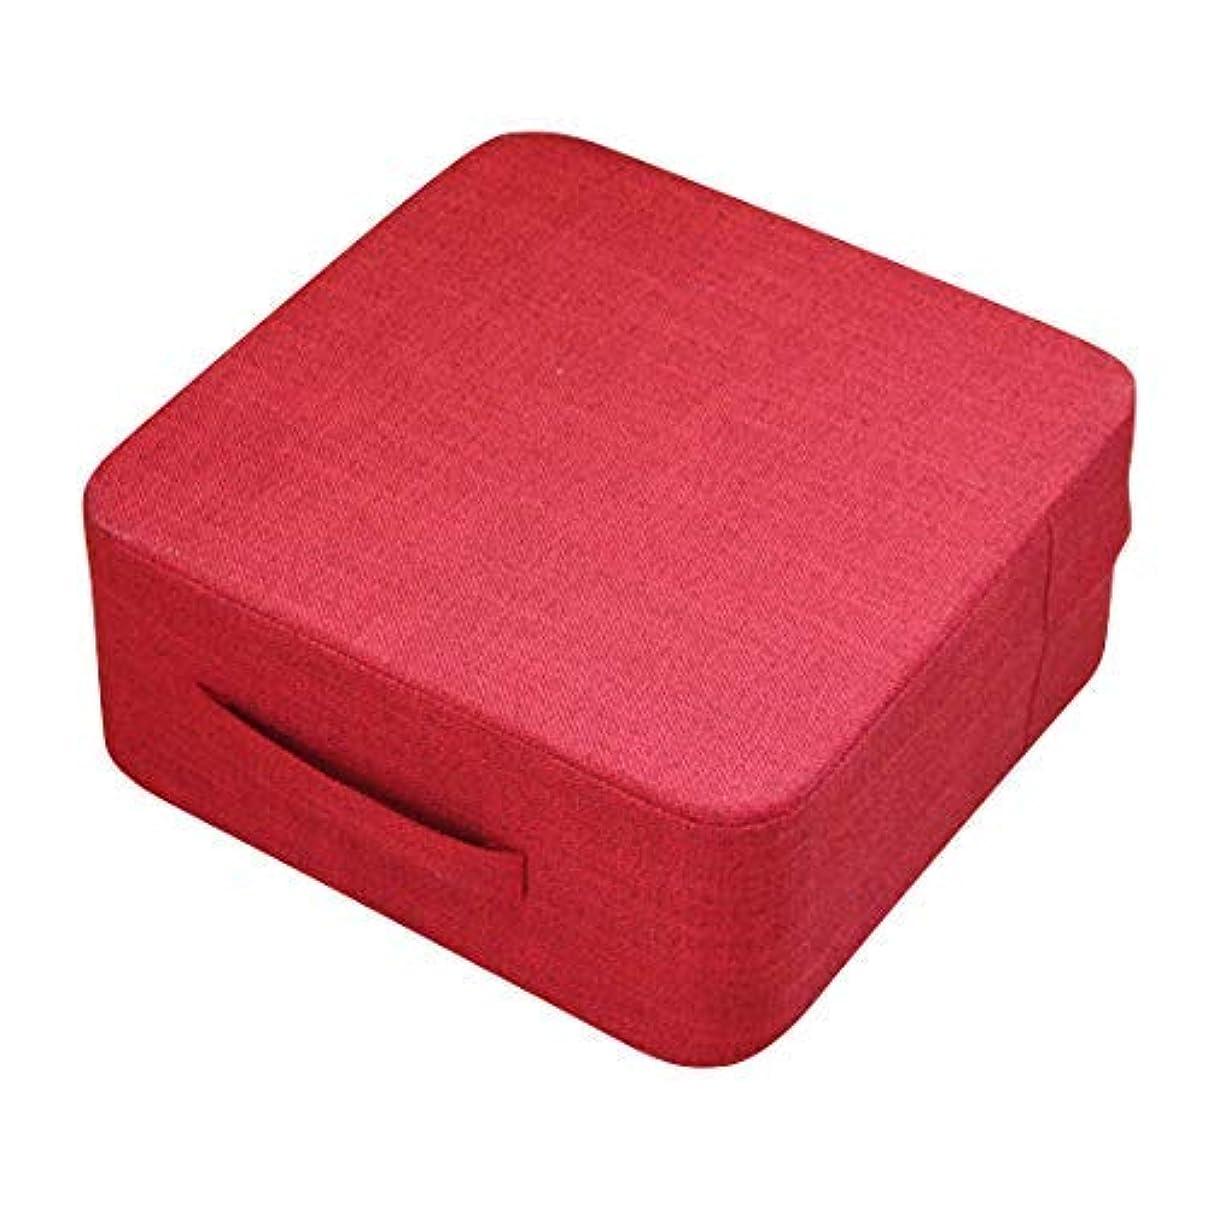 批評トイレ合金クッション 四角形 厚いクッション 厚い座布団 足置き カバー洗濯可能 高反発 レッド 赤 40*40*18(fab-21)